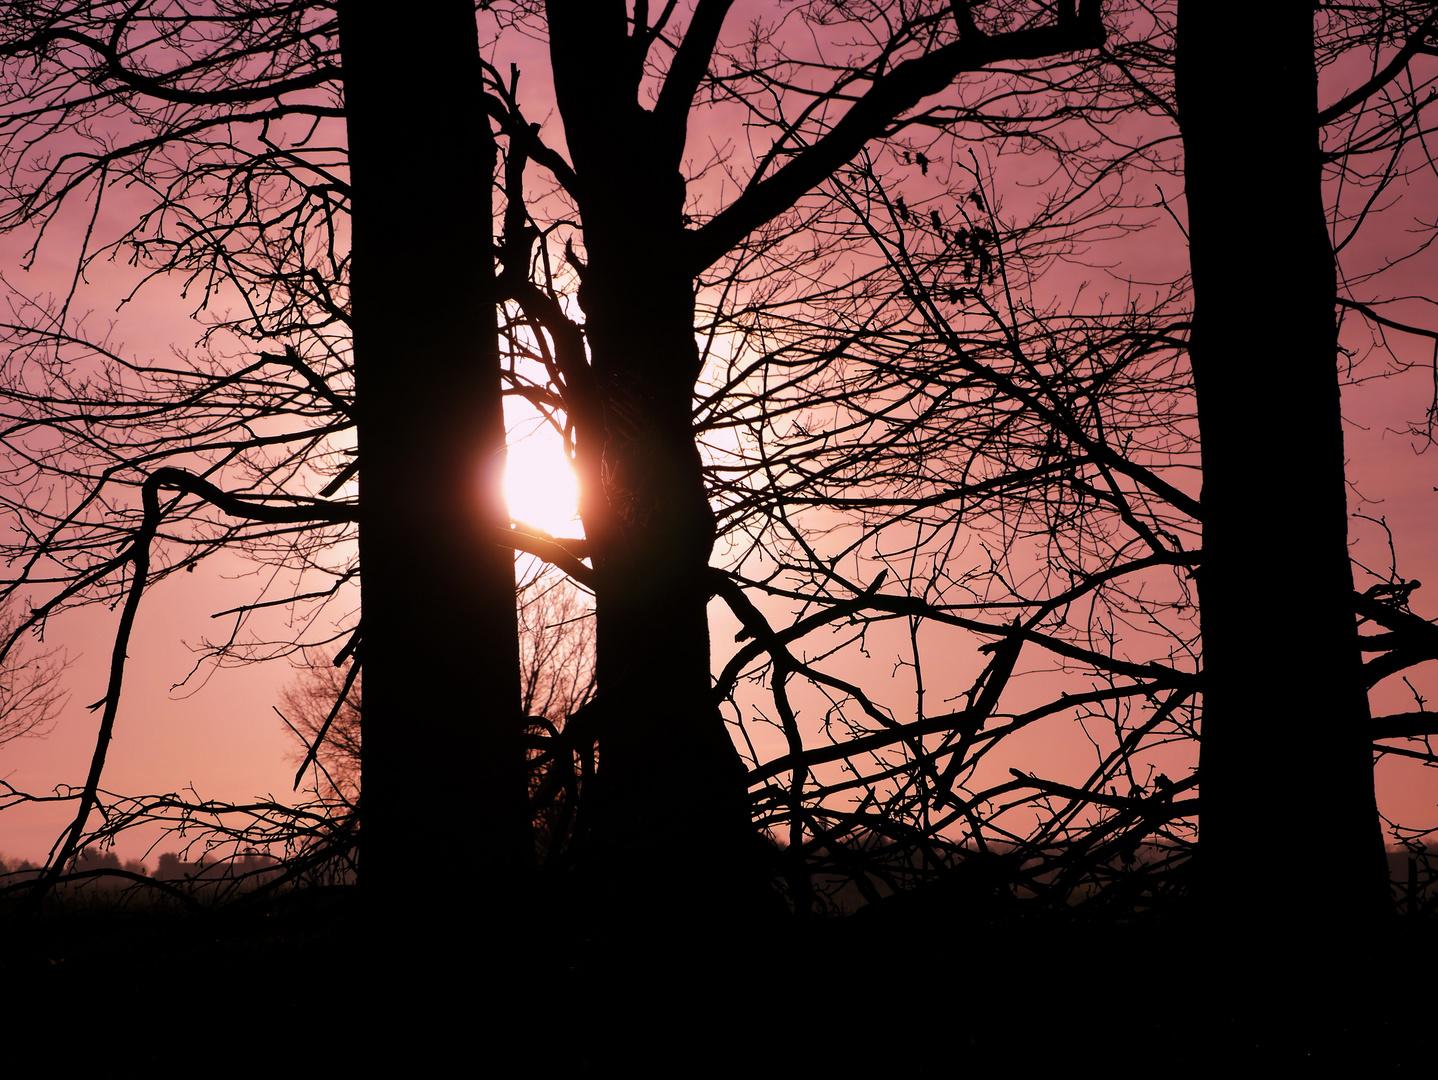 tree love romantic ....